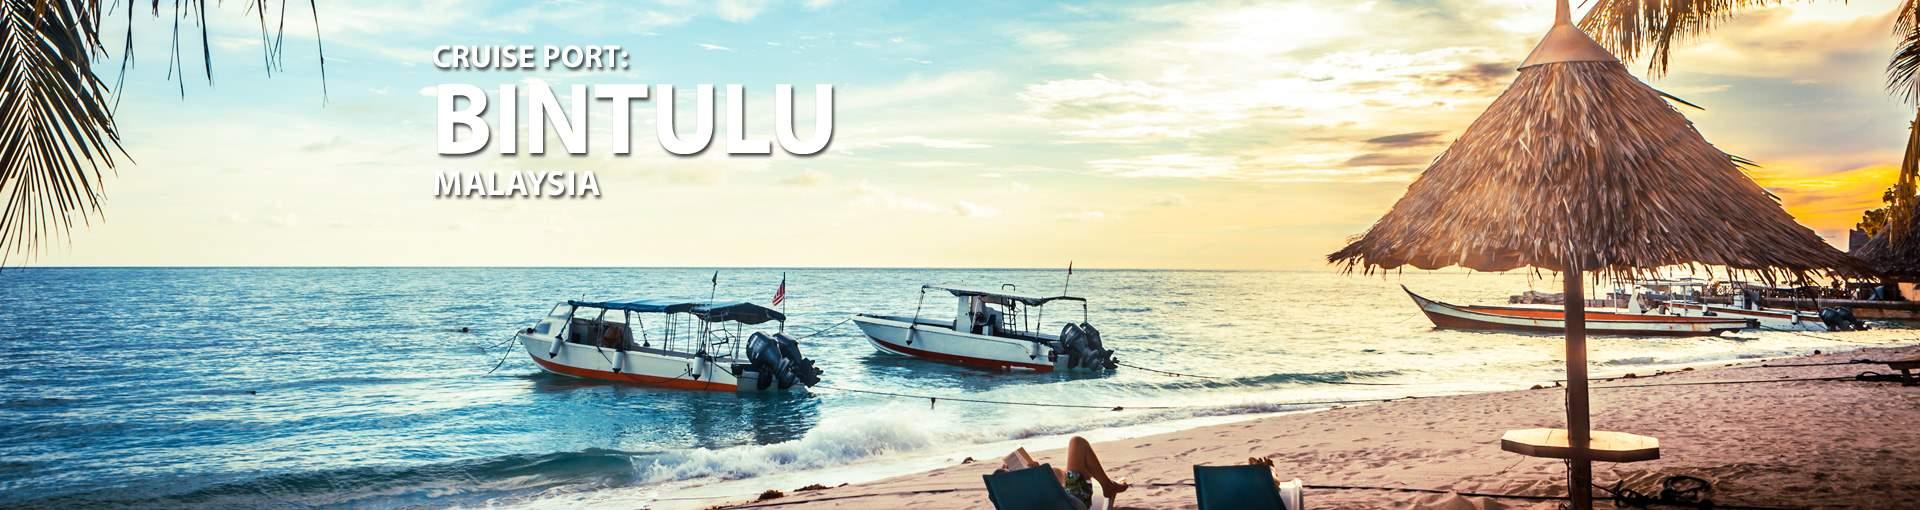 Cruises to Bintulu, Malaysia